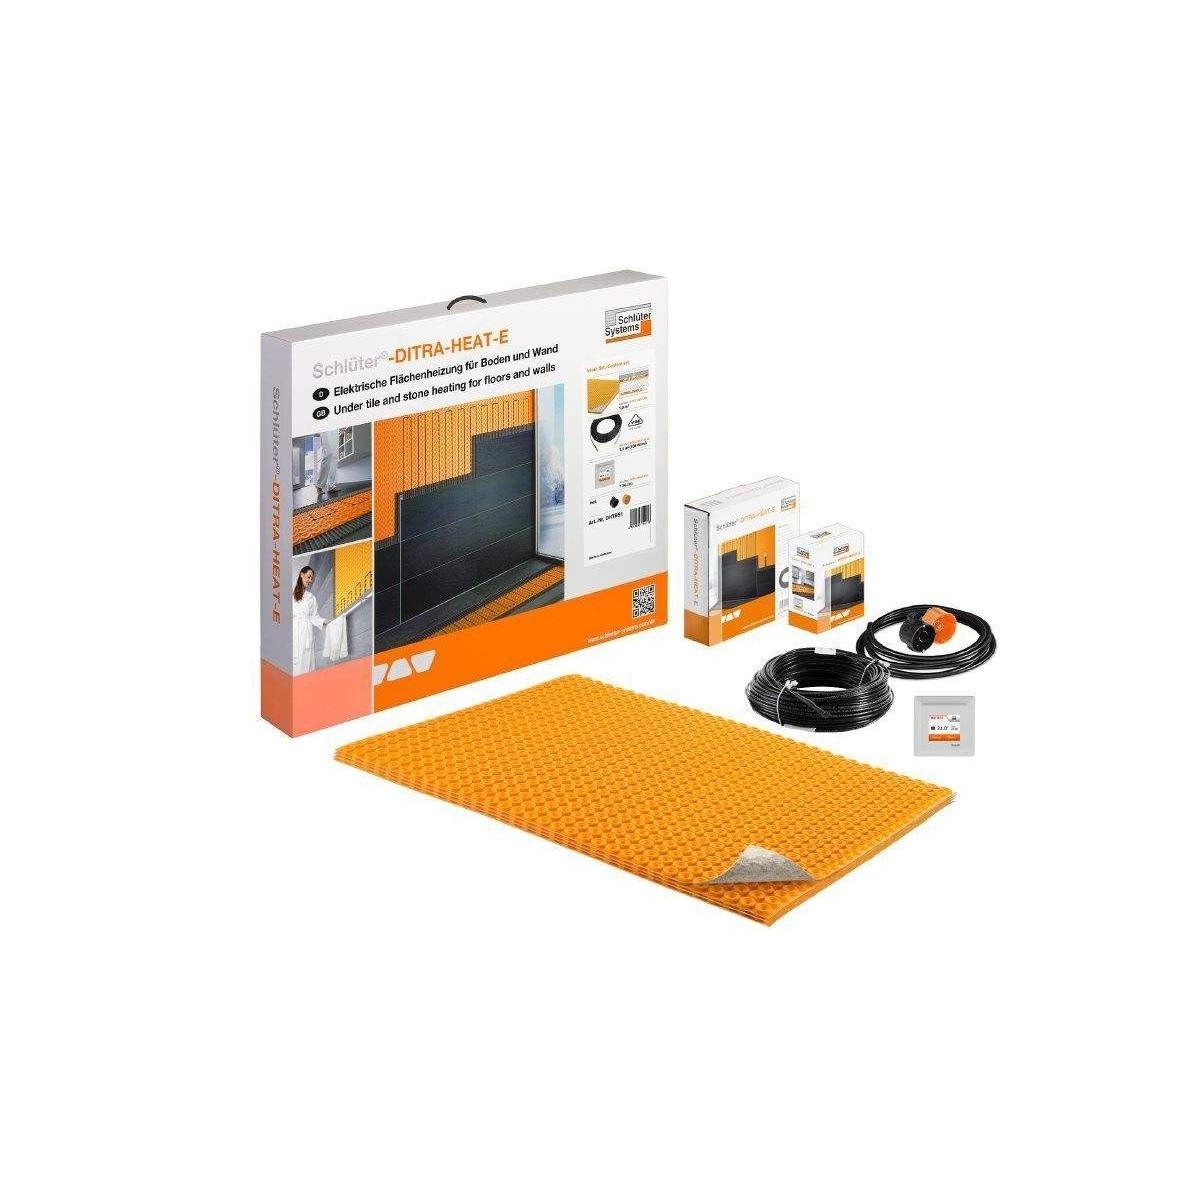 Kit de suelo radiante con termostato táctil con aislamiento bajo lámina y wifi Schüter Systems